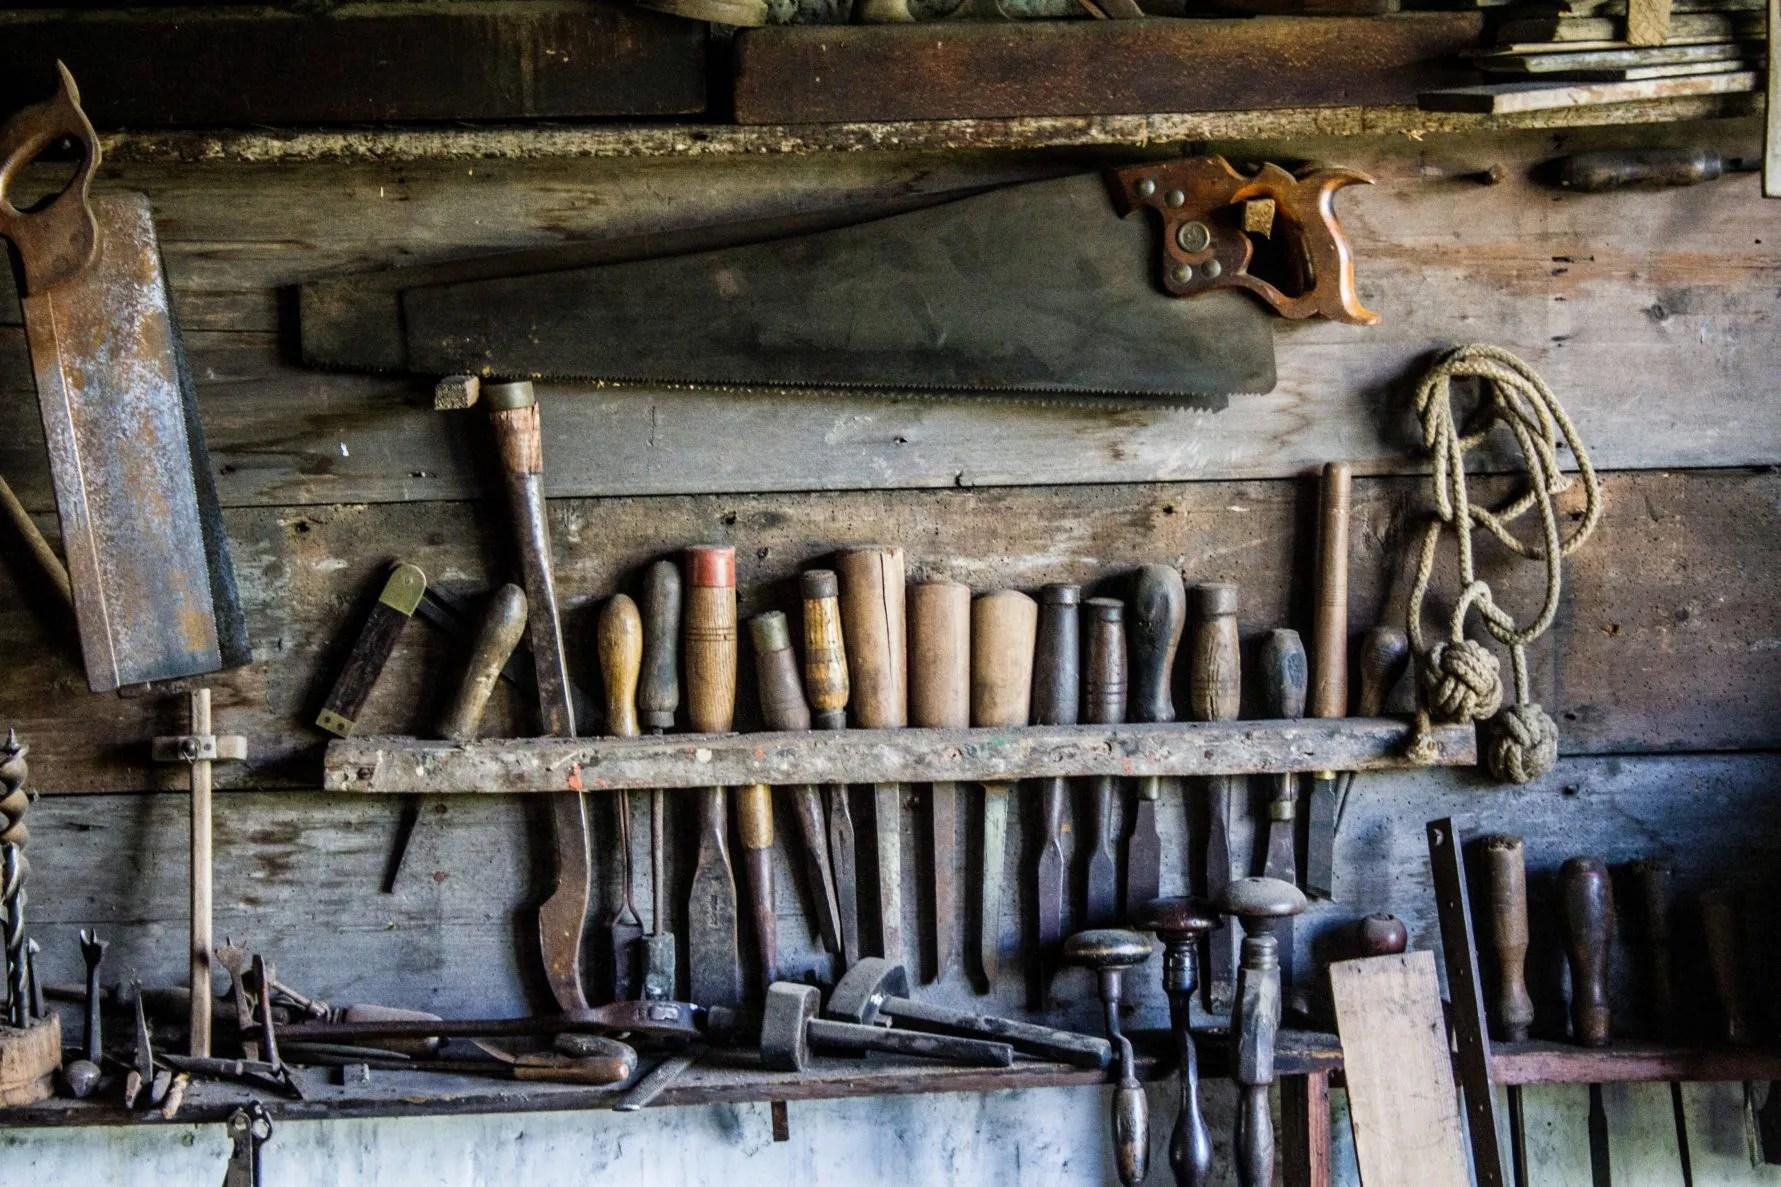 7 tools